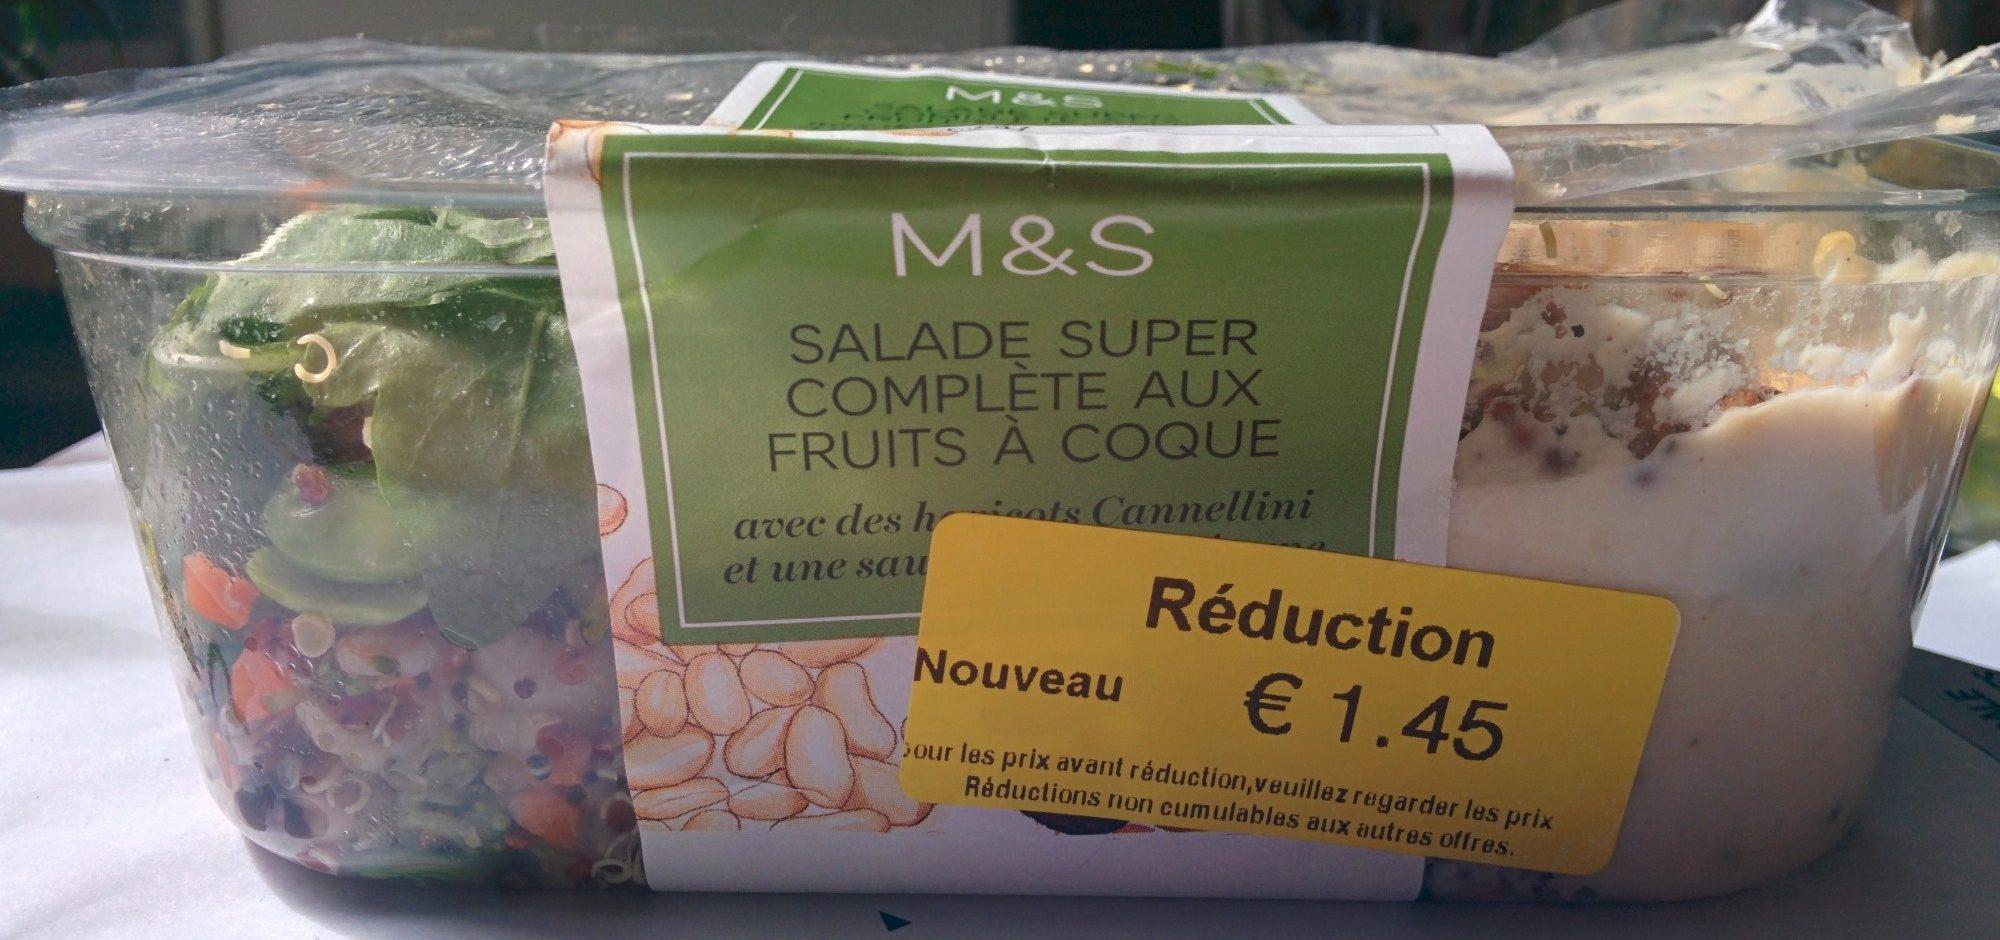 Salade Super Complète aux Fruits à Coque - Product - fr